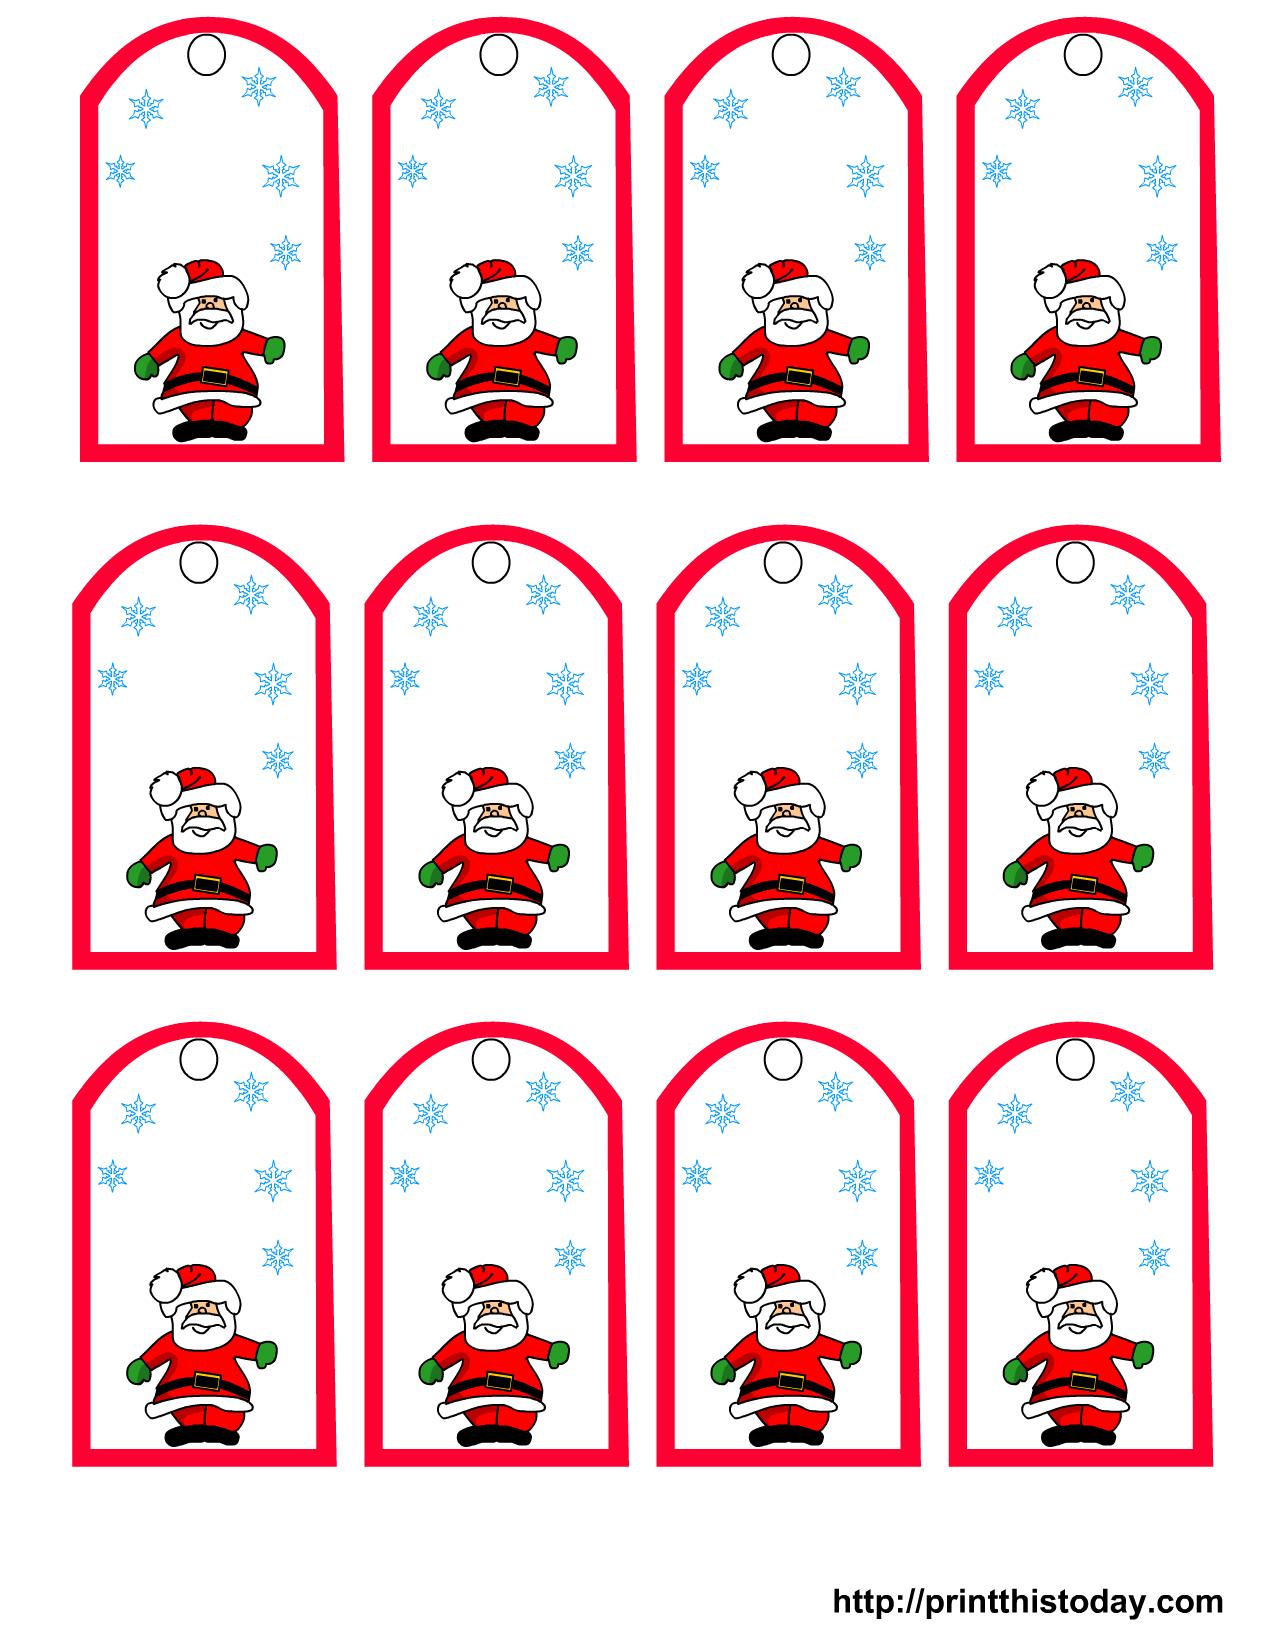 47 Free Printable Christmas Gift Tags (That You Can Edit And - Free Printable Santa Gift Tags